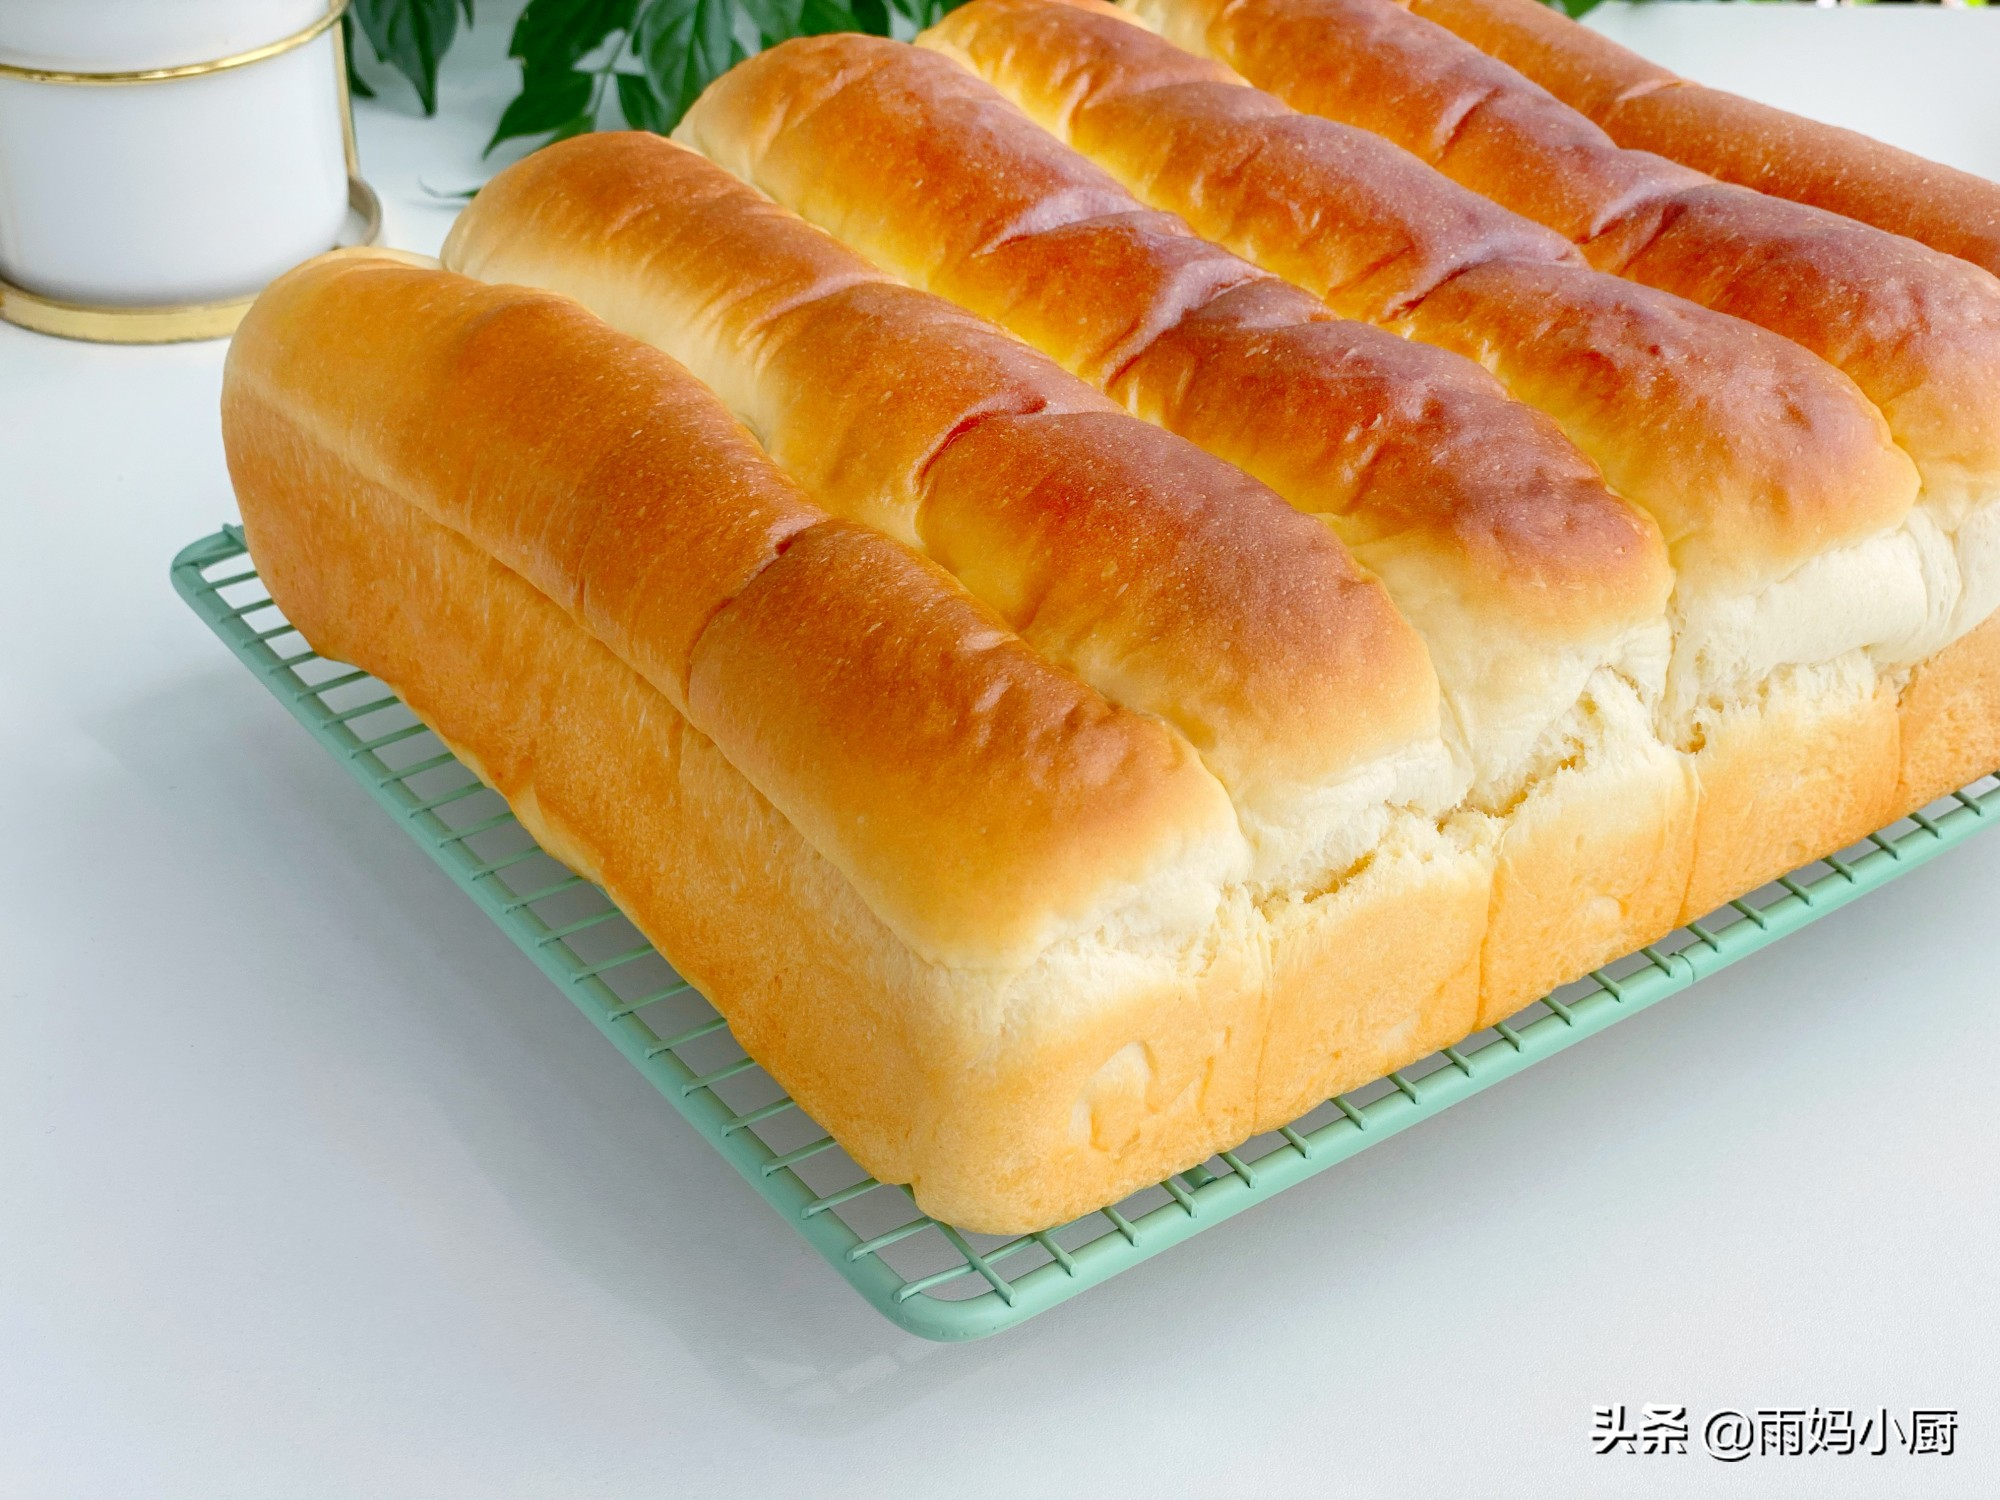 做过的面包里,最松软的就是奶排包,组织细腻又拉丝奶香味十足